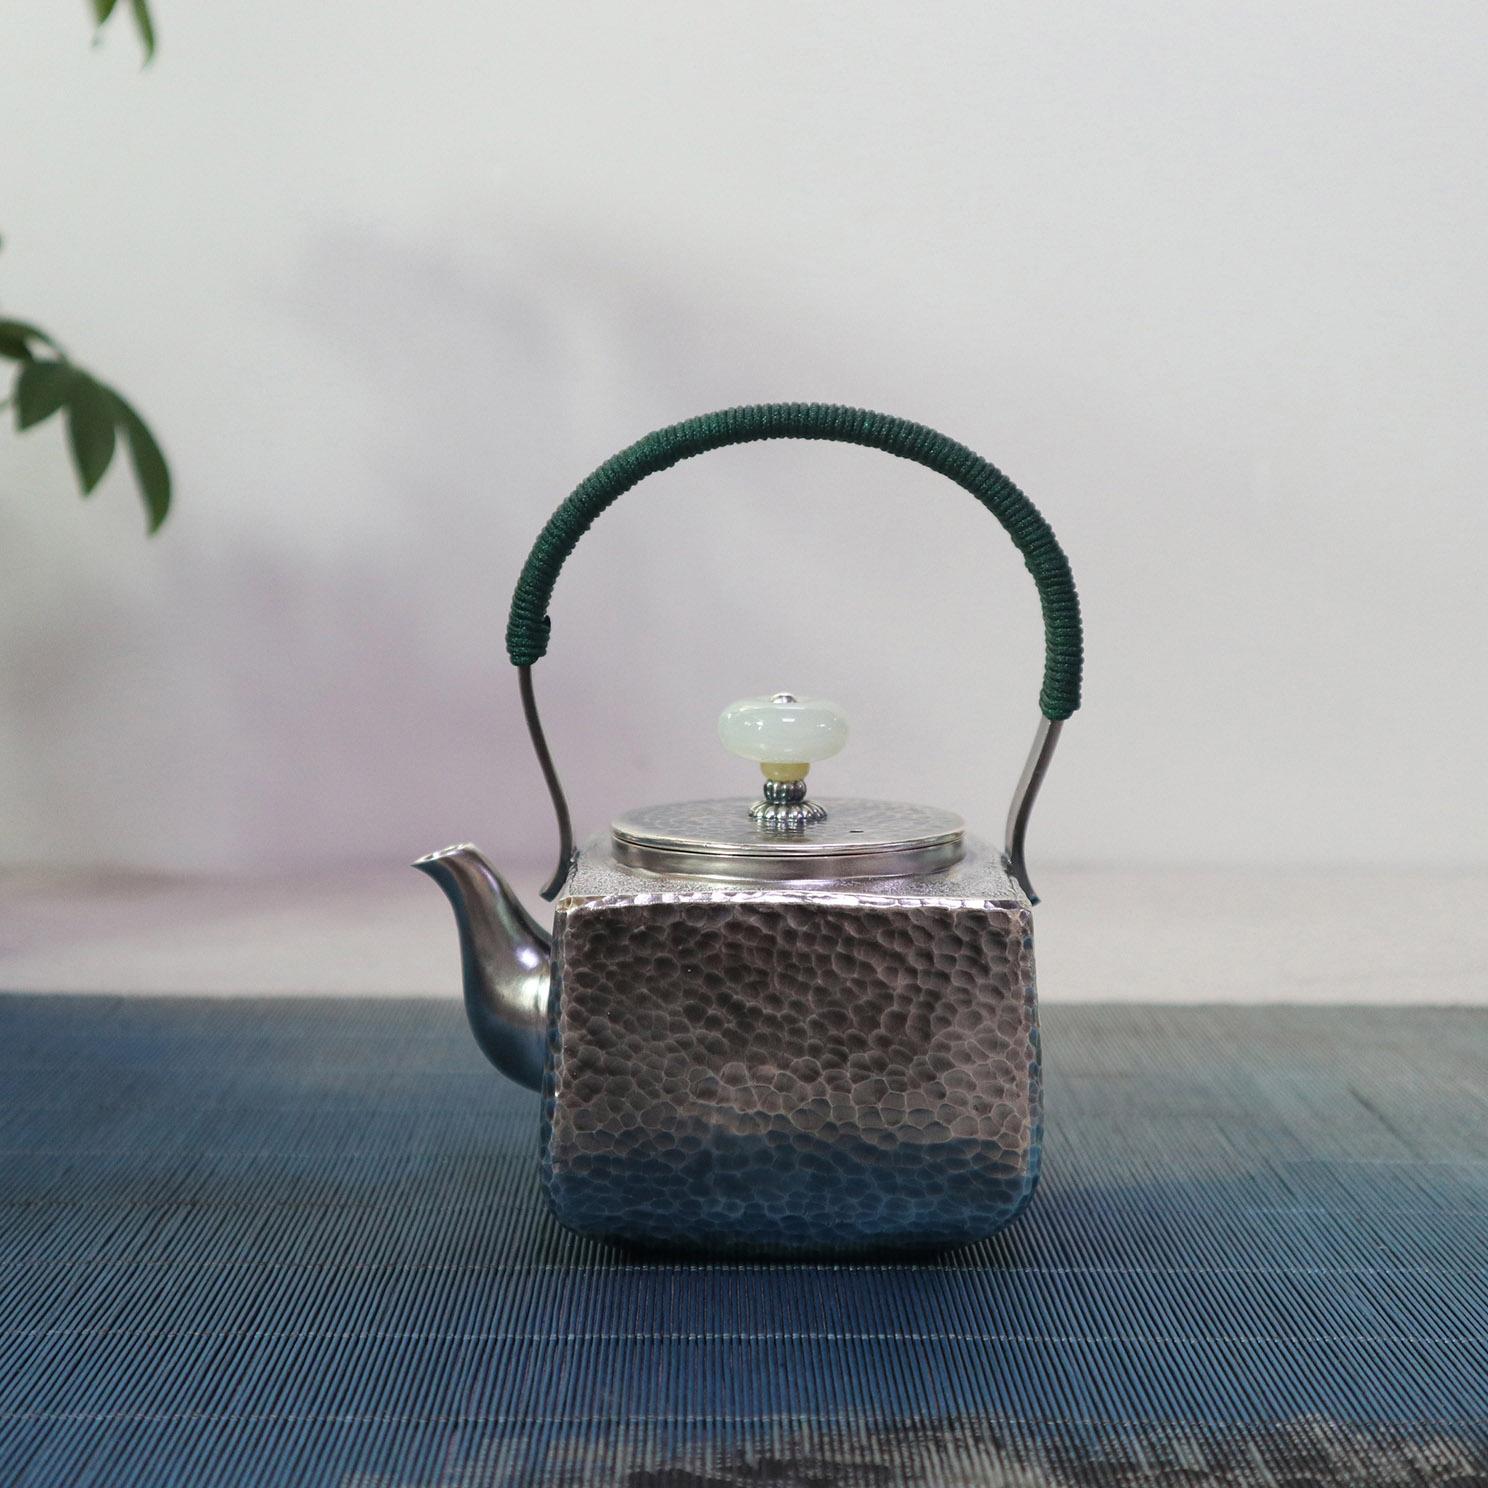 【天圆地方】S999纯银手工 茶壶